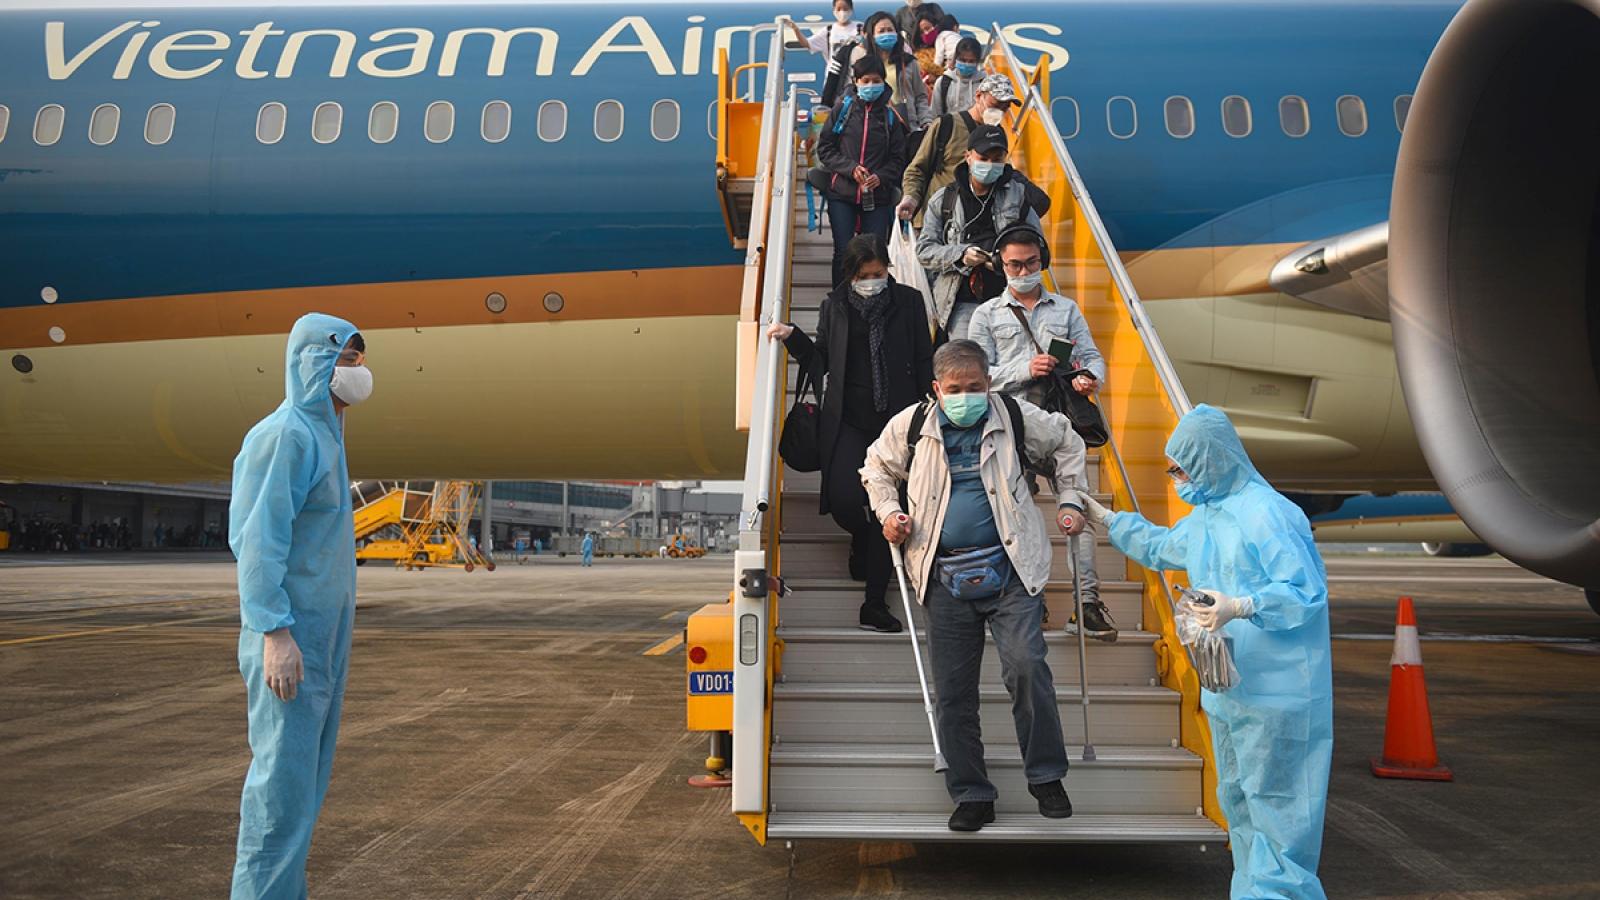 Dừng bay quốc tếsau khi tiếp viên vi phạm quy định cách ly phòng Covid-19